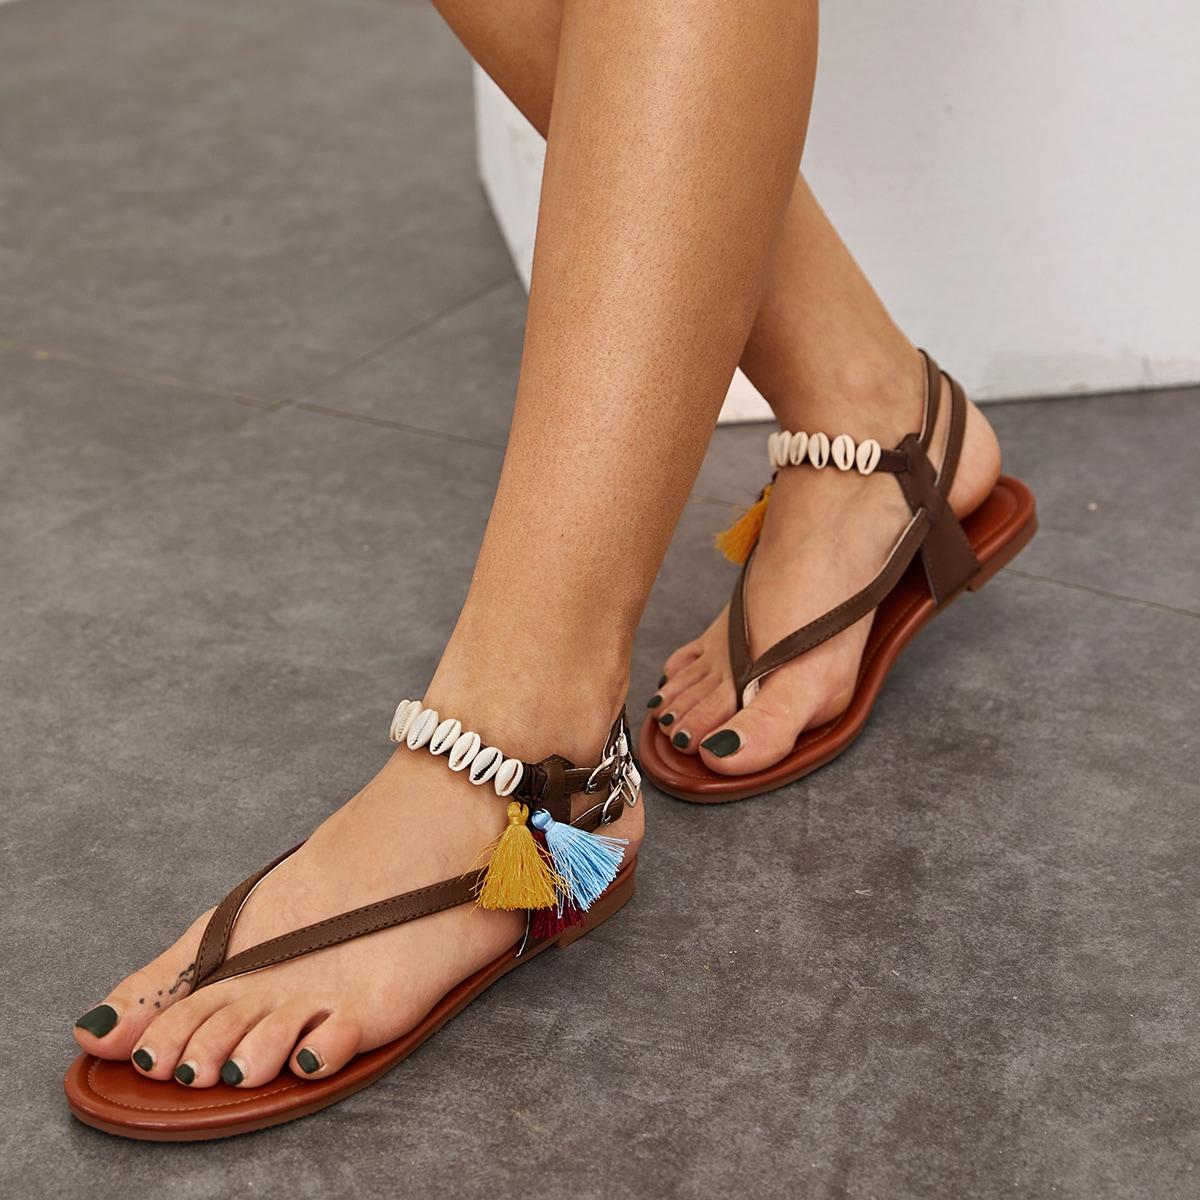 SHEIN / Sandalias chancletas con diseño de concha y fleco